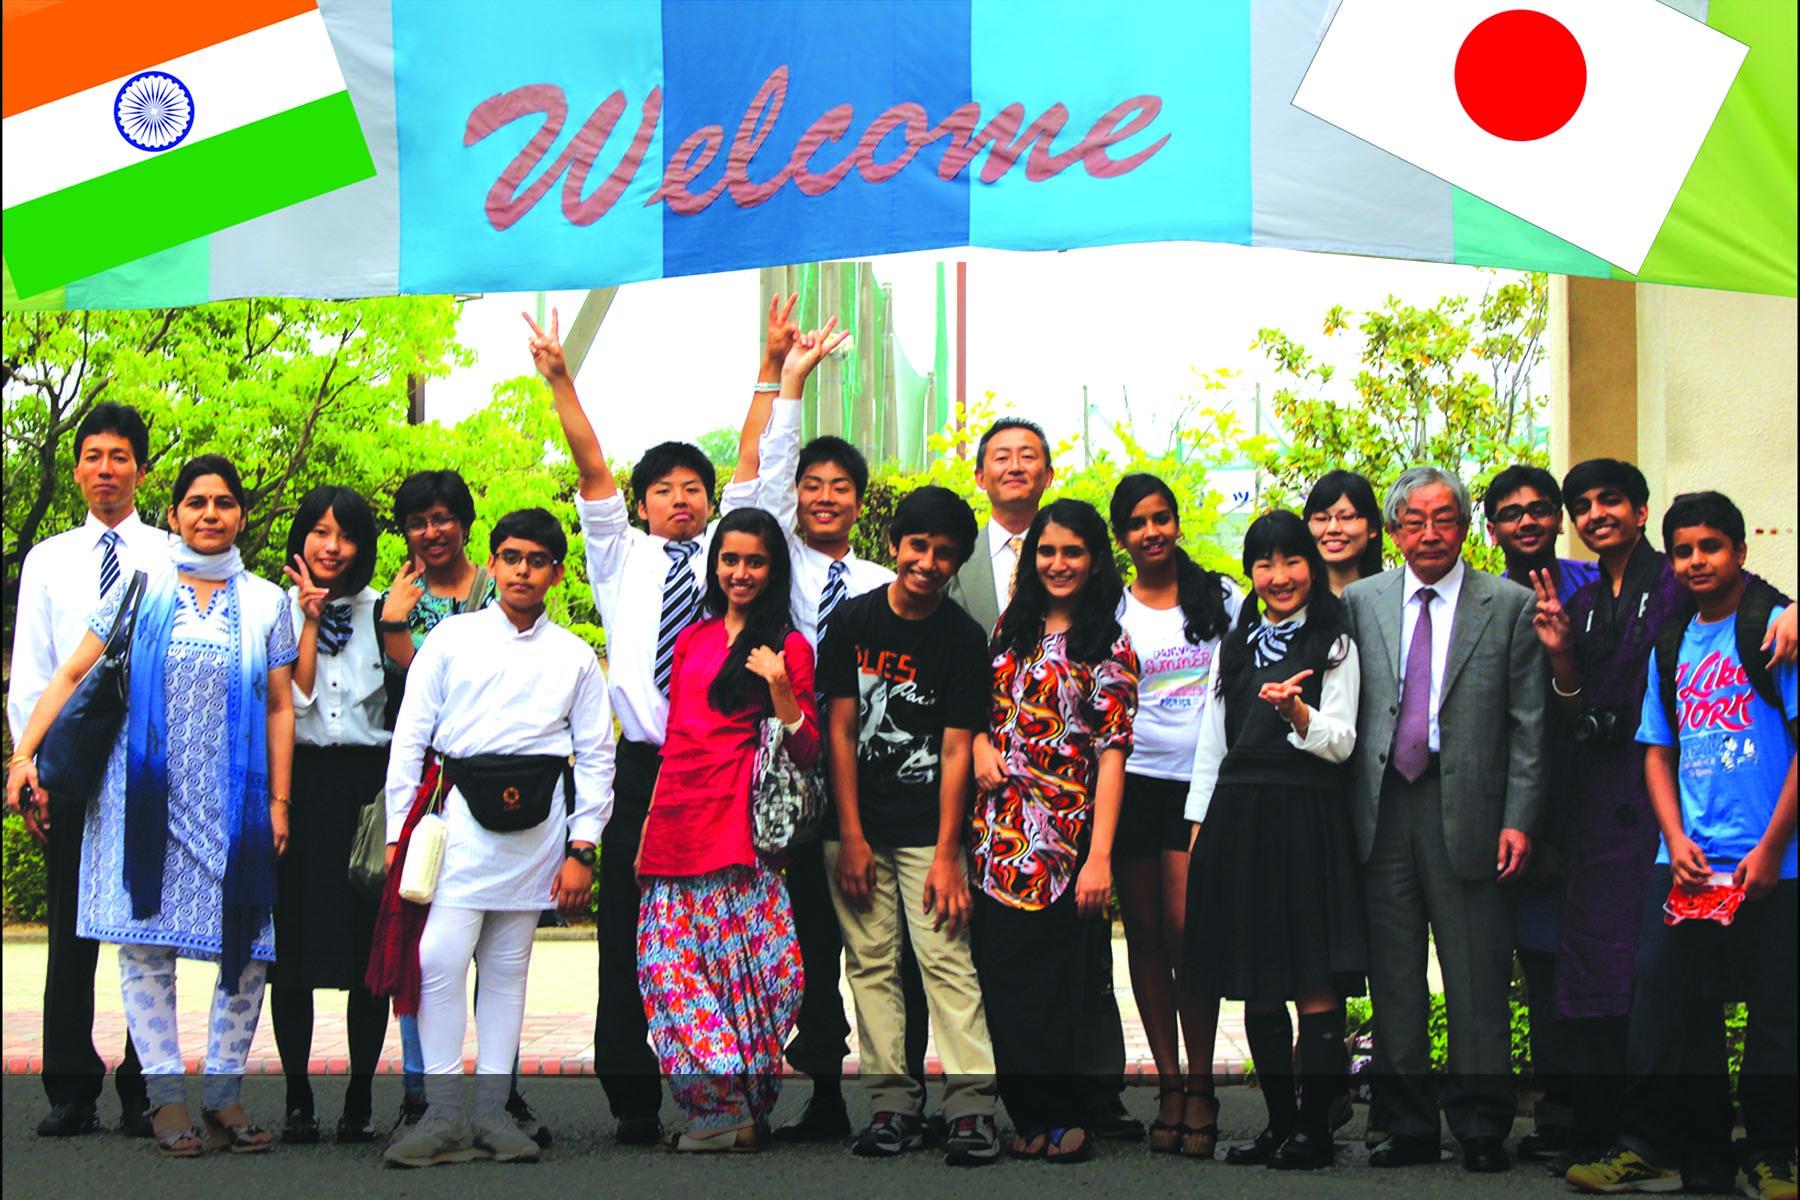 Bluebells visits to Keimei School, Kobe, Japan